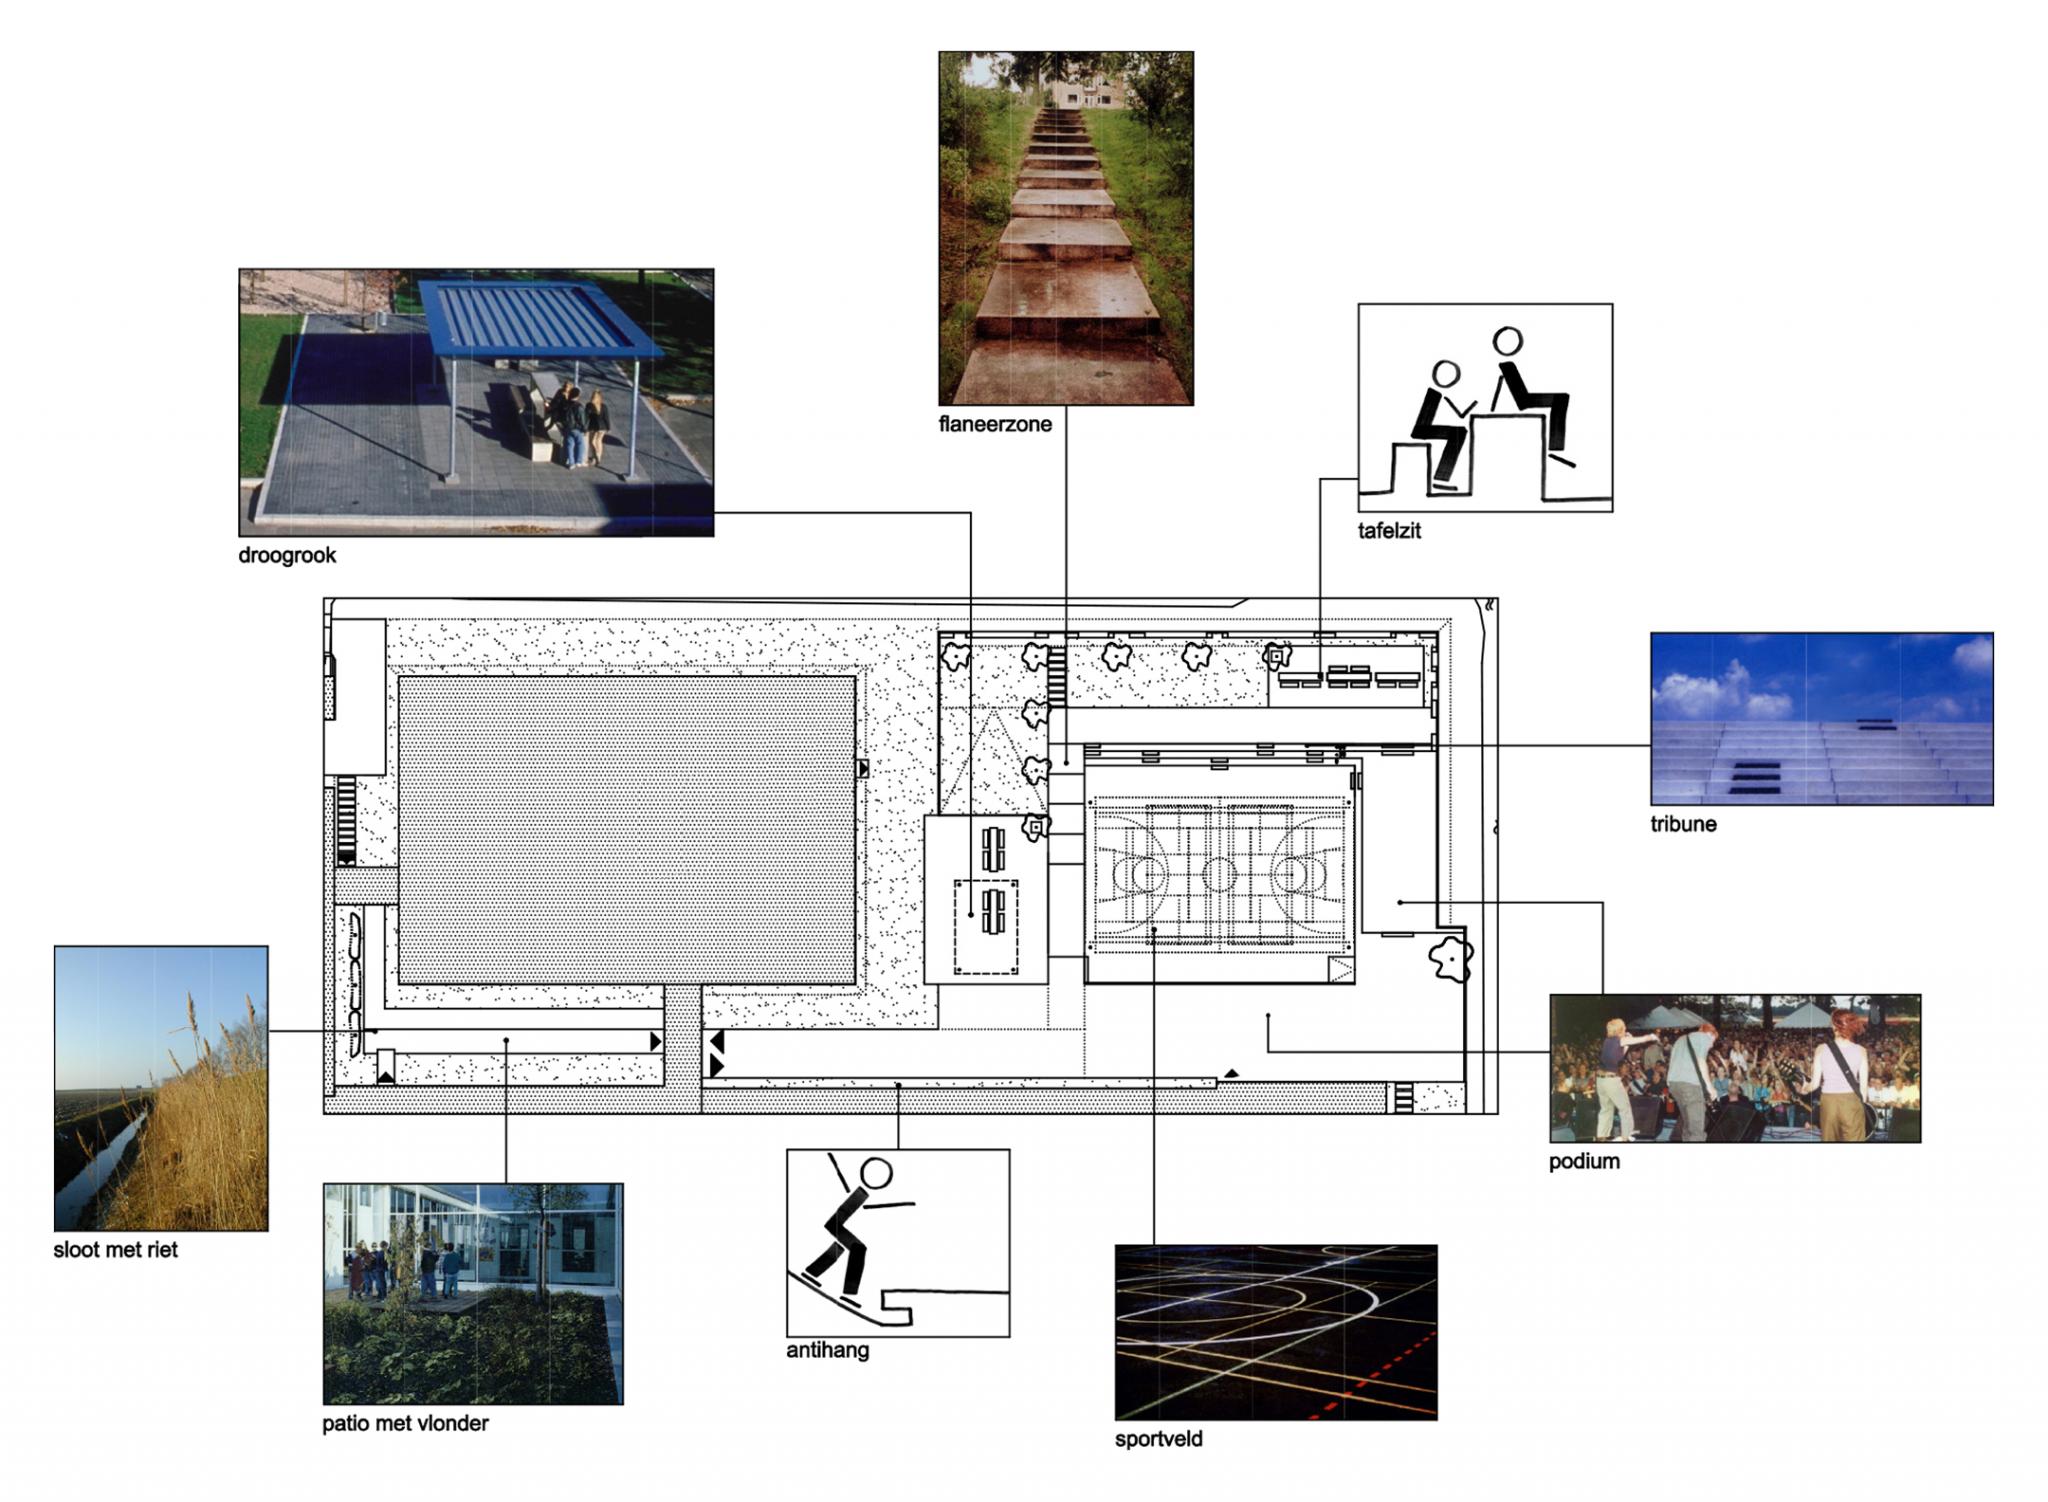 De Ontwerpwerkplaats, Gijs Niemeijer, Floor van Ditzhuyzen, Schoolplein Adelbert College, ontwerp schoolplein,ontwerp inrichting schoolplein, inrichting buitenruimte school, ontwerp publieke ruimte, inrichting schoolplein, ontwerp buitenruimte school, ontwerp schoolplein, public space, design schoolyard